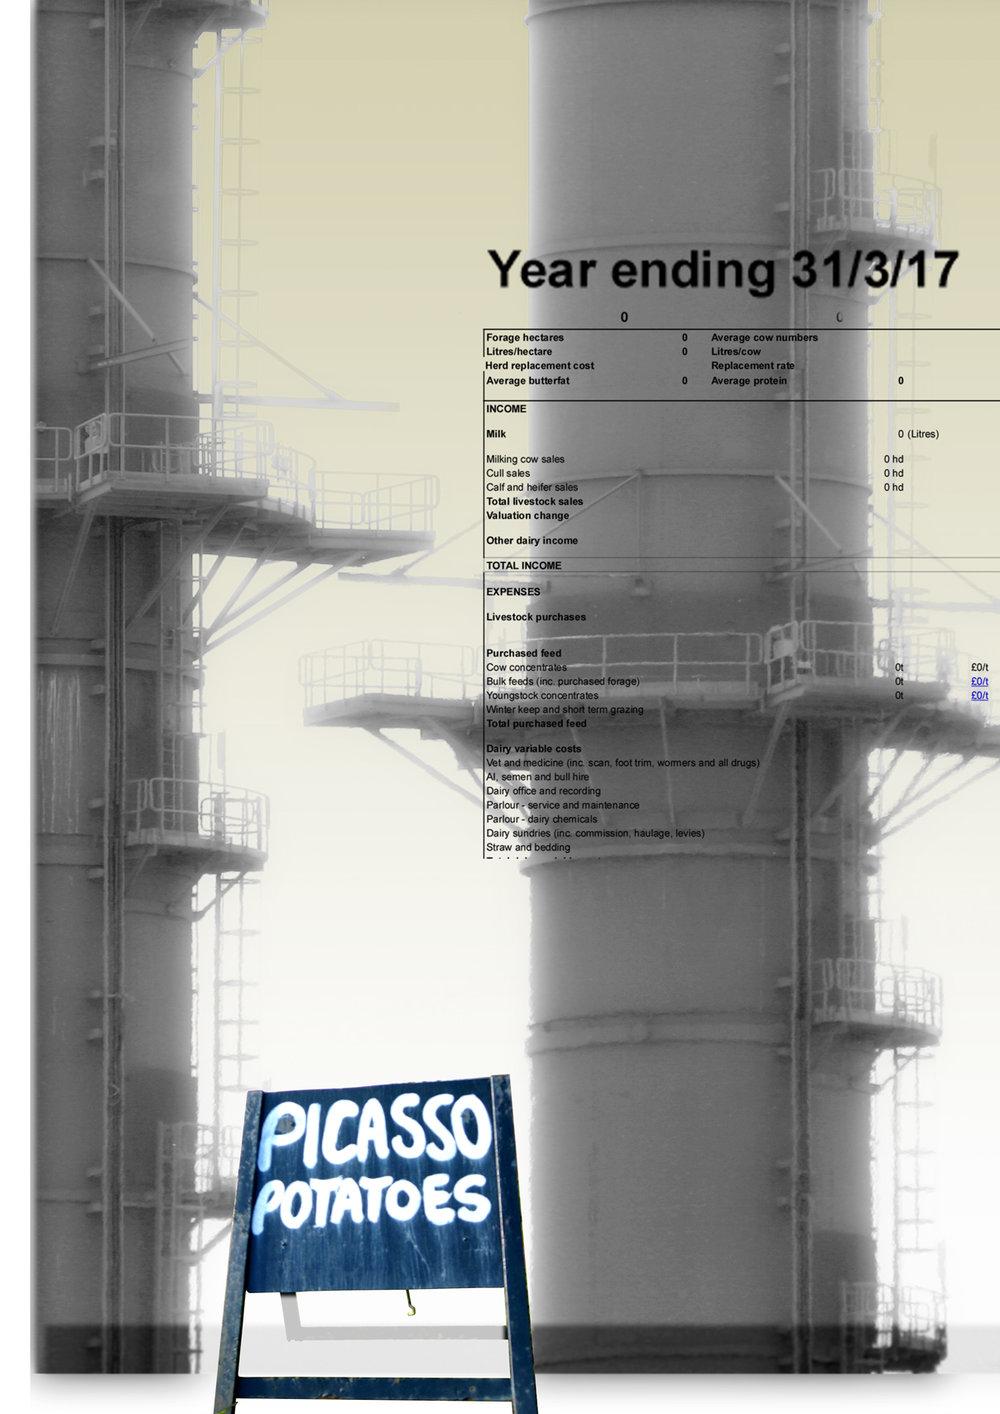 Year Ending